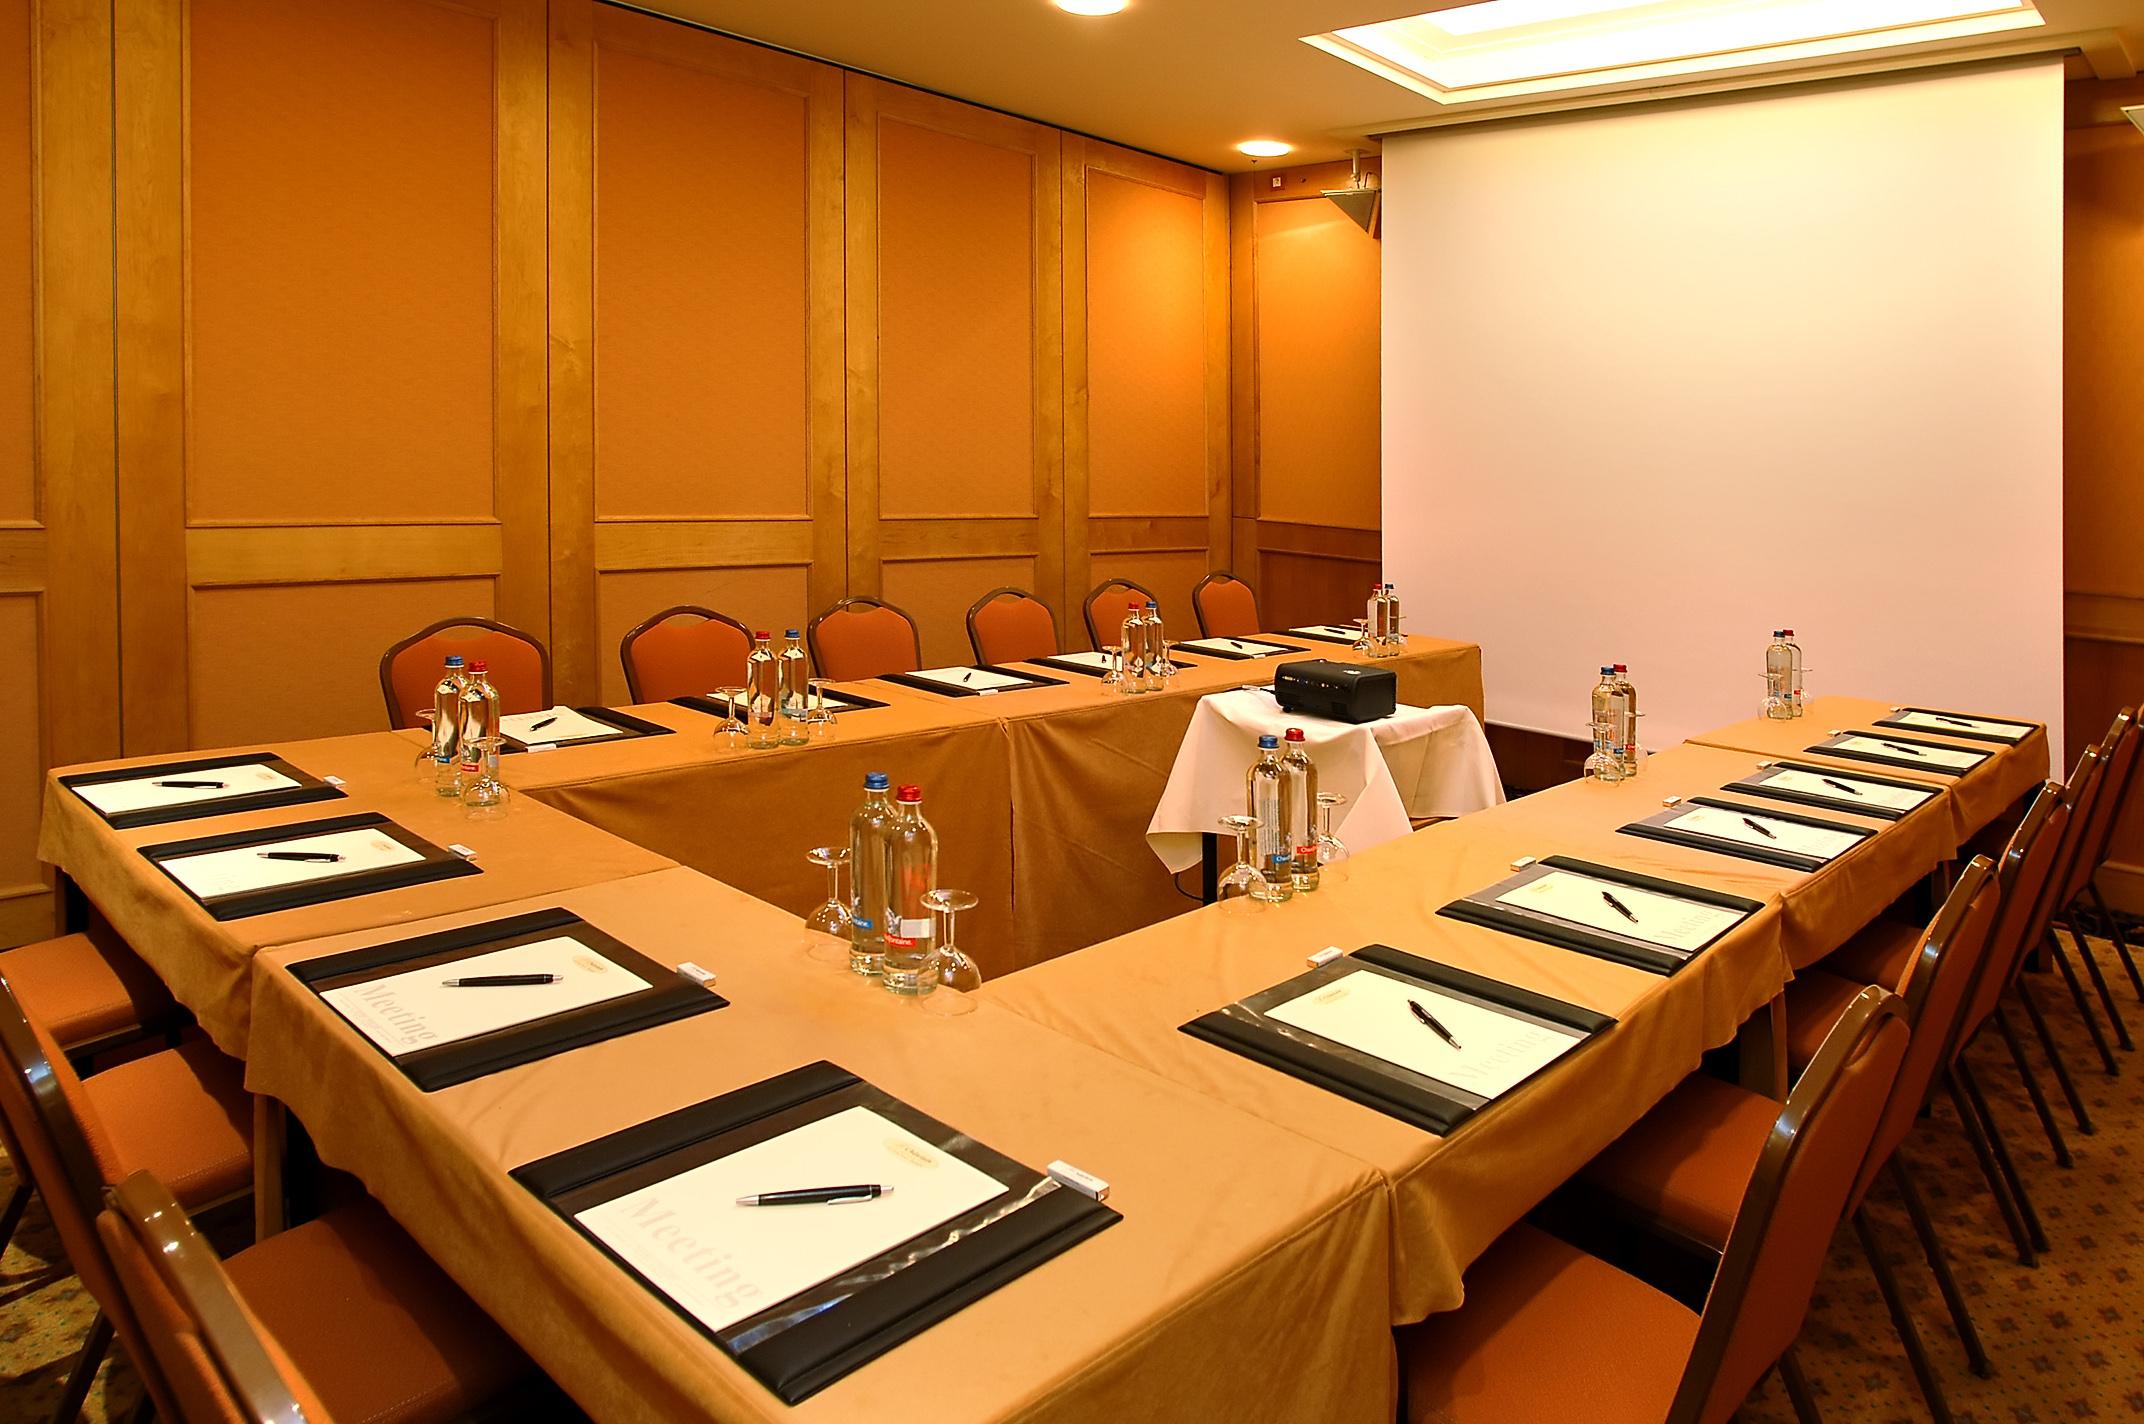 Louer une belle salle de r union de 30m2 bruxelles - Louer une chambre a bruxelles ...